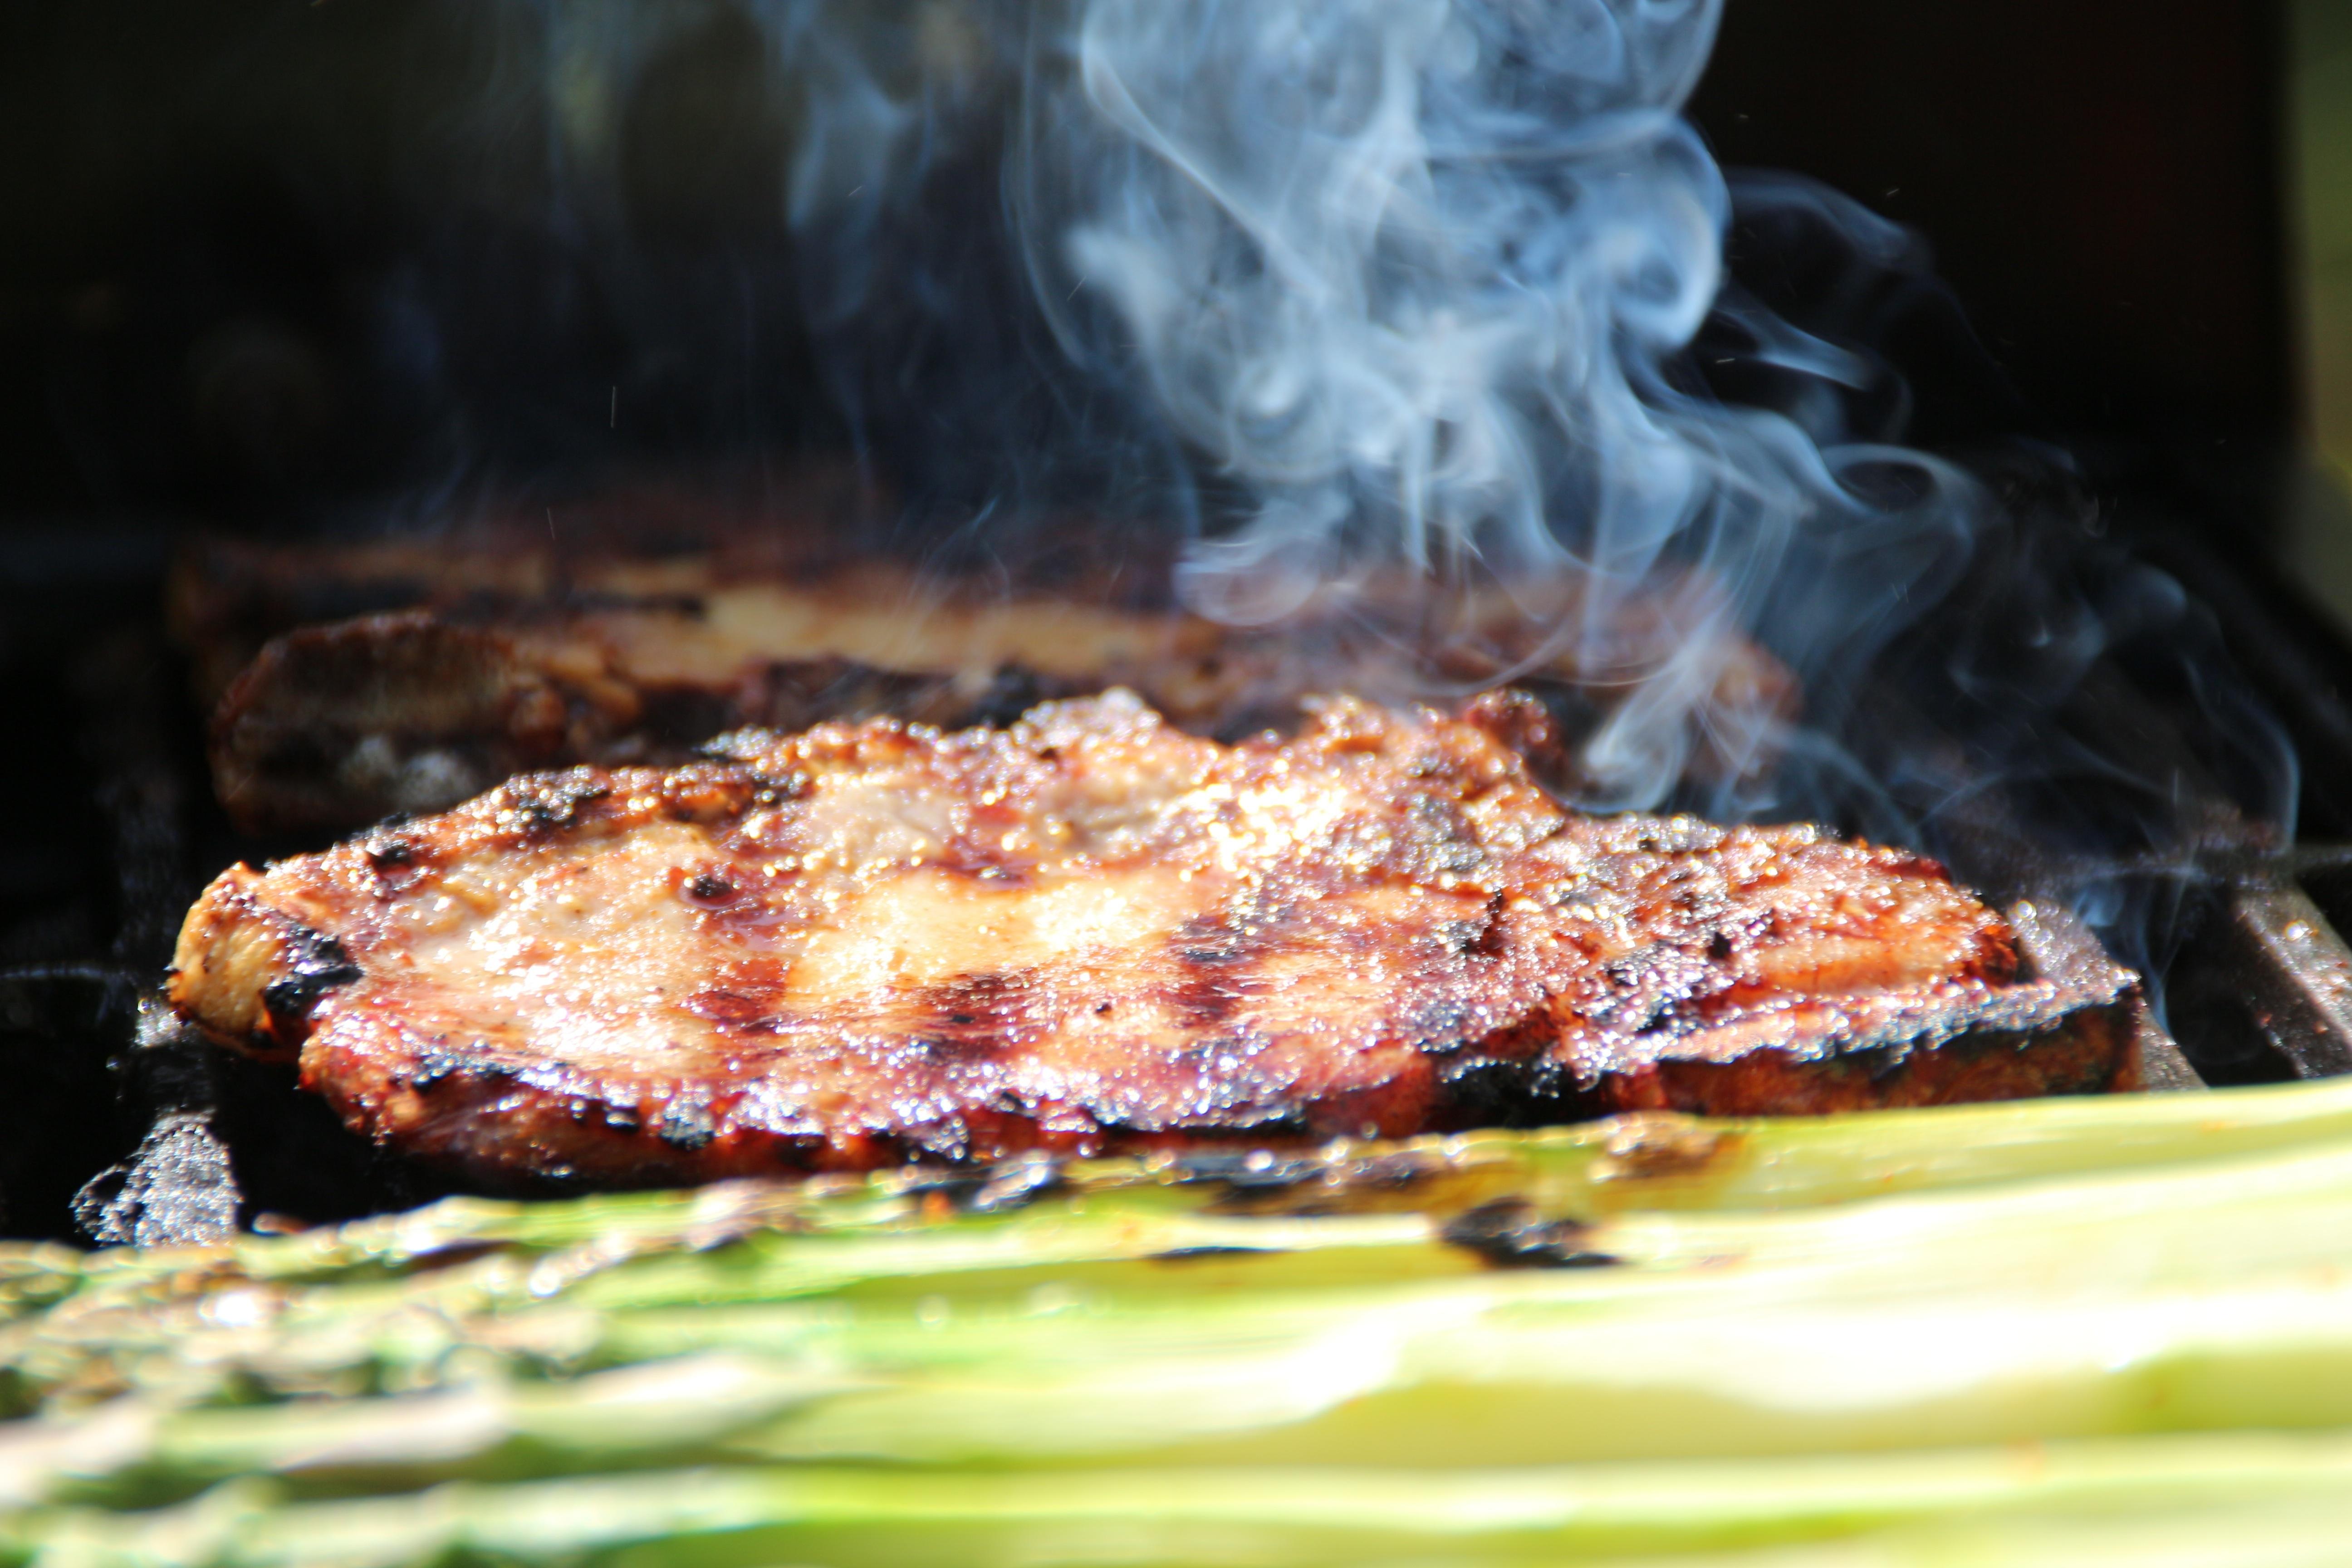 kostenlose foto gericht kochen produzieren fisch grill k che steak braten steaks. Black Bedroom Furniture Sets. Home Design Ideas